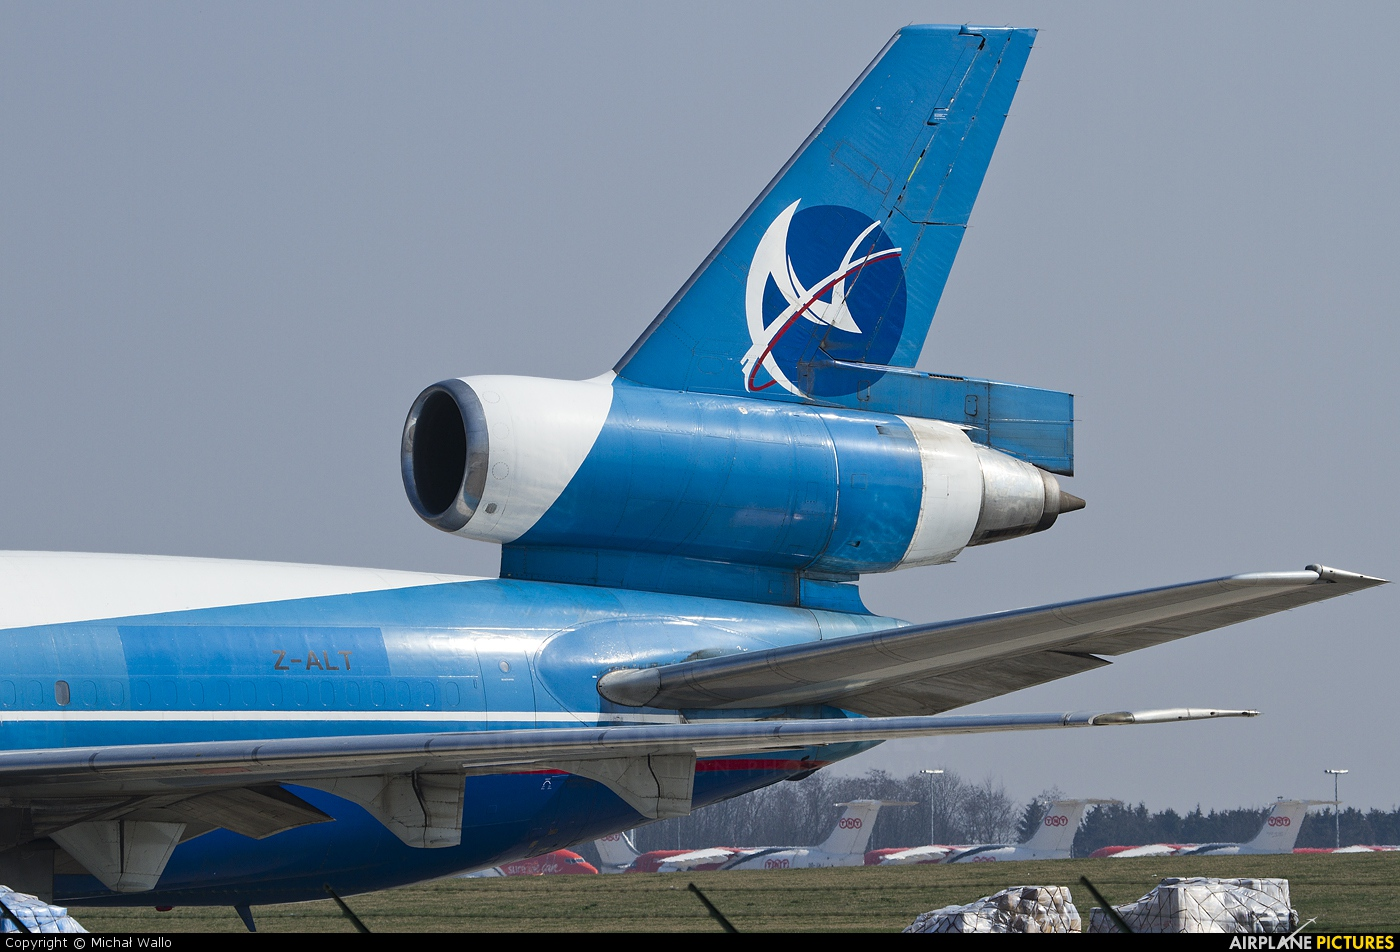 Avient Z-ALT aircraft at Liège-Bierset